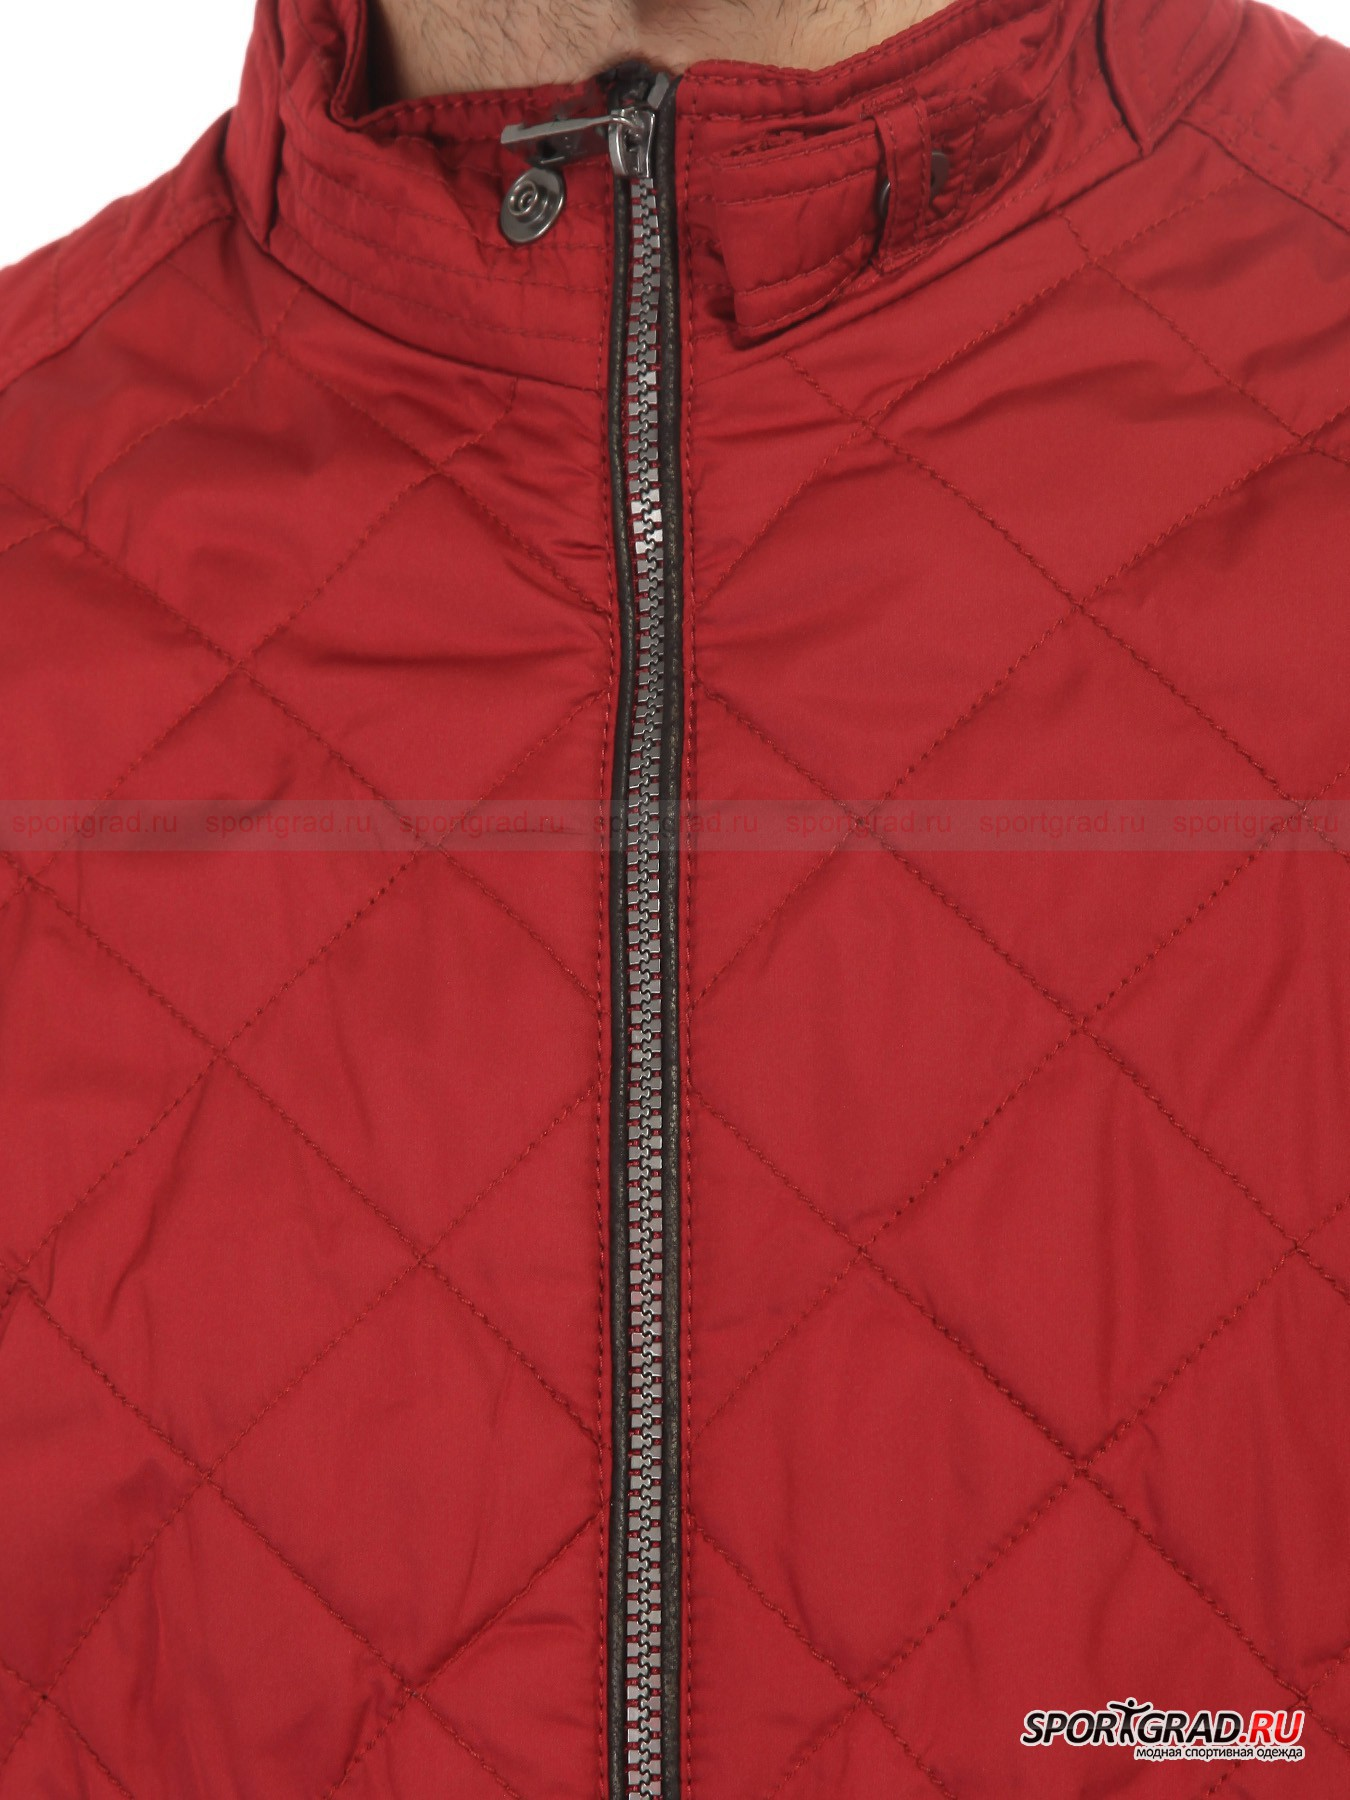 Куртка мужская Harlem3 S4 от Спортград